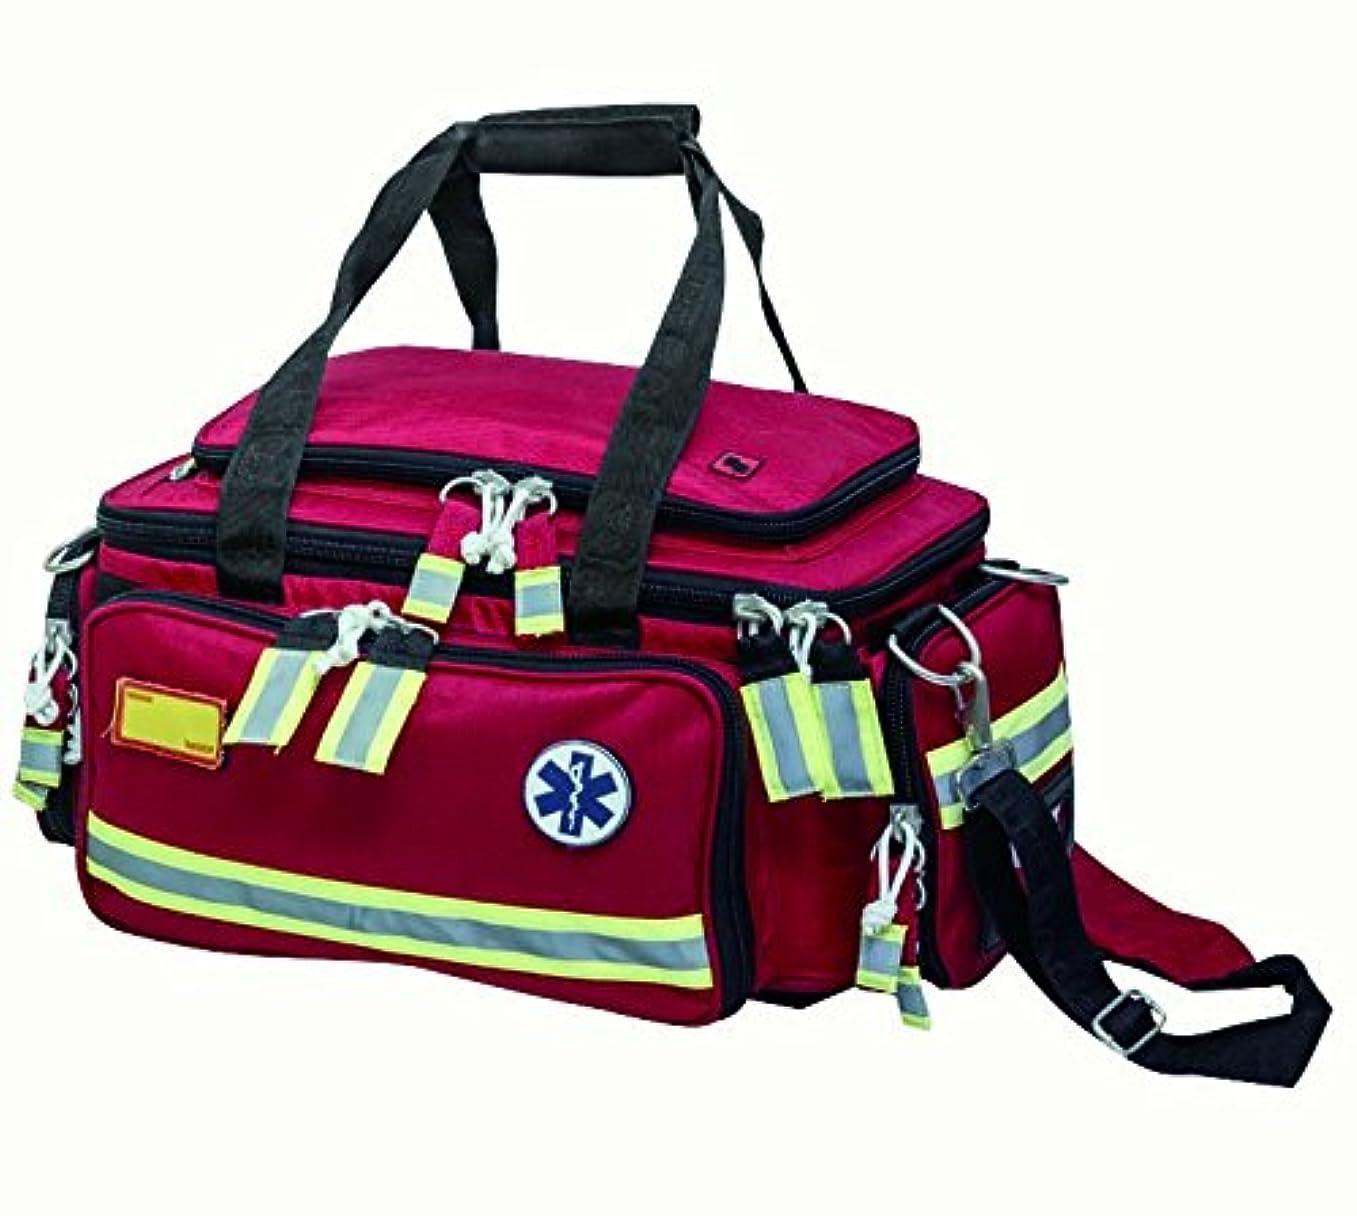 すり減る徹底的に正確救急バッグ エクストリーム EB02.008 松吉医科器械 24-5026-00